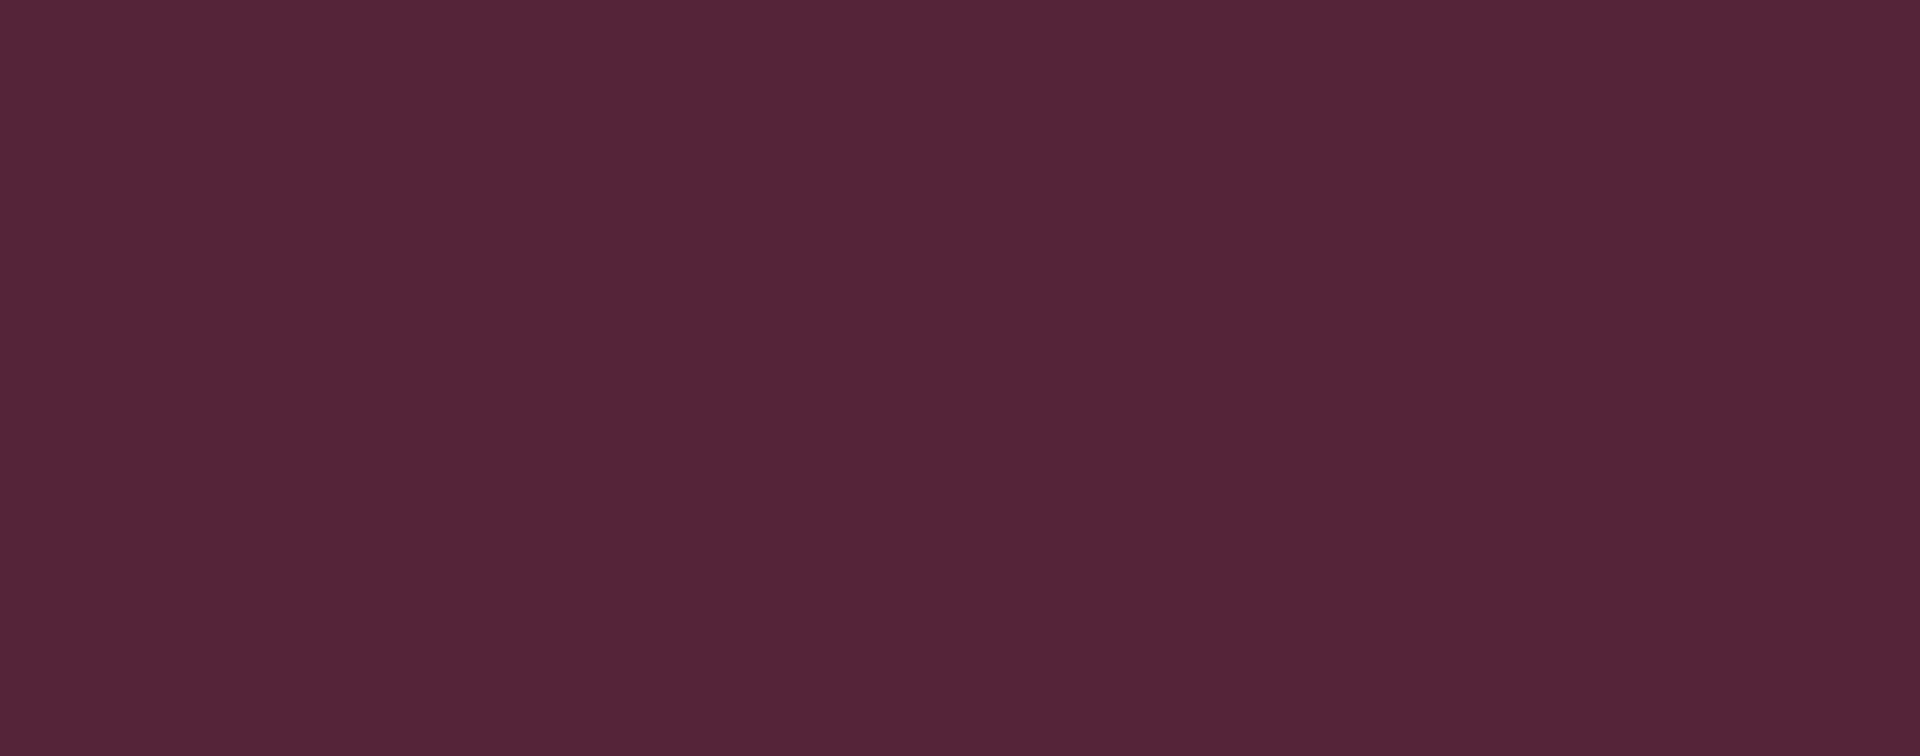 large_burgundy_background_image